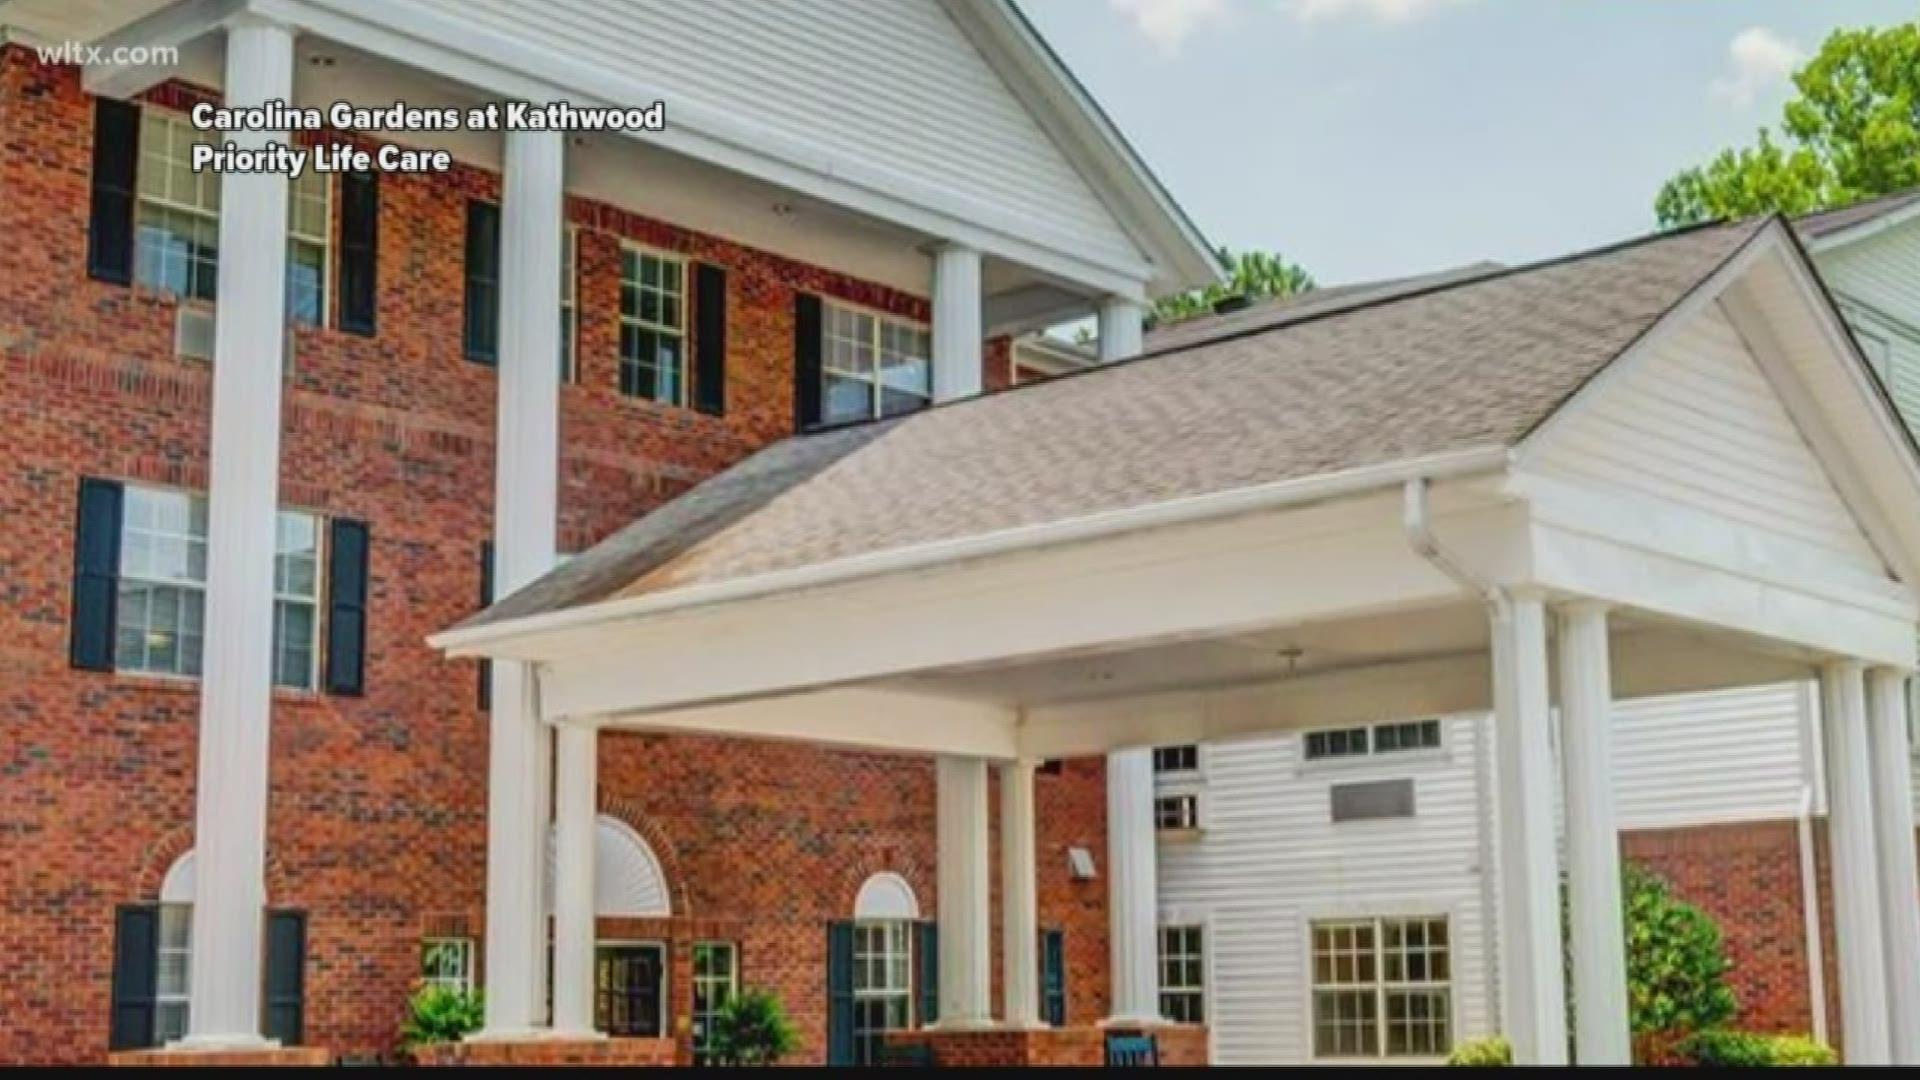 b0ad7327 6679 4e7a a63d 629039e616e5 1920x1080 - Carolina Gardens Senior Living At Kathwood